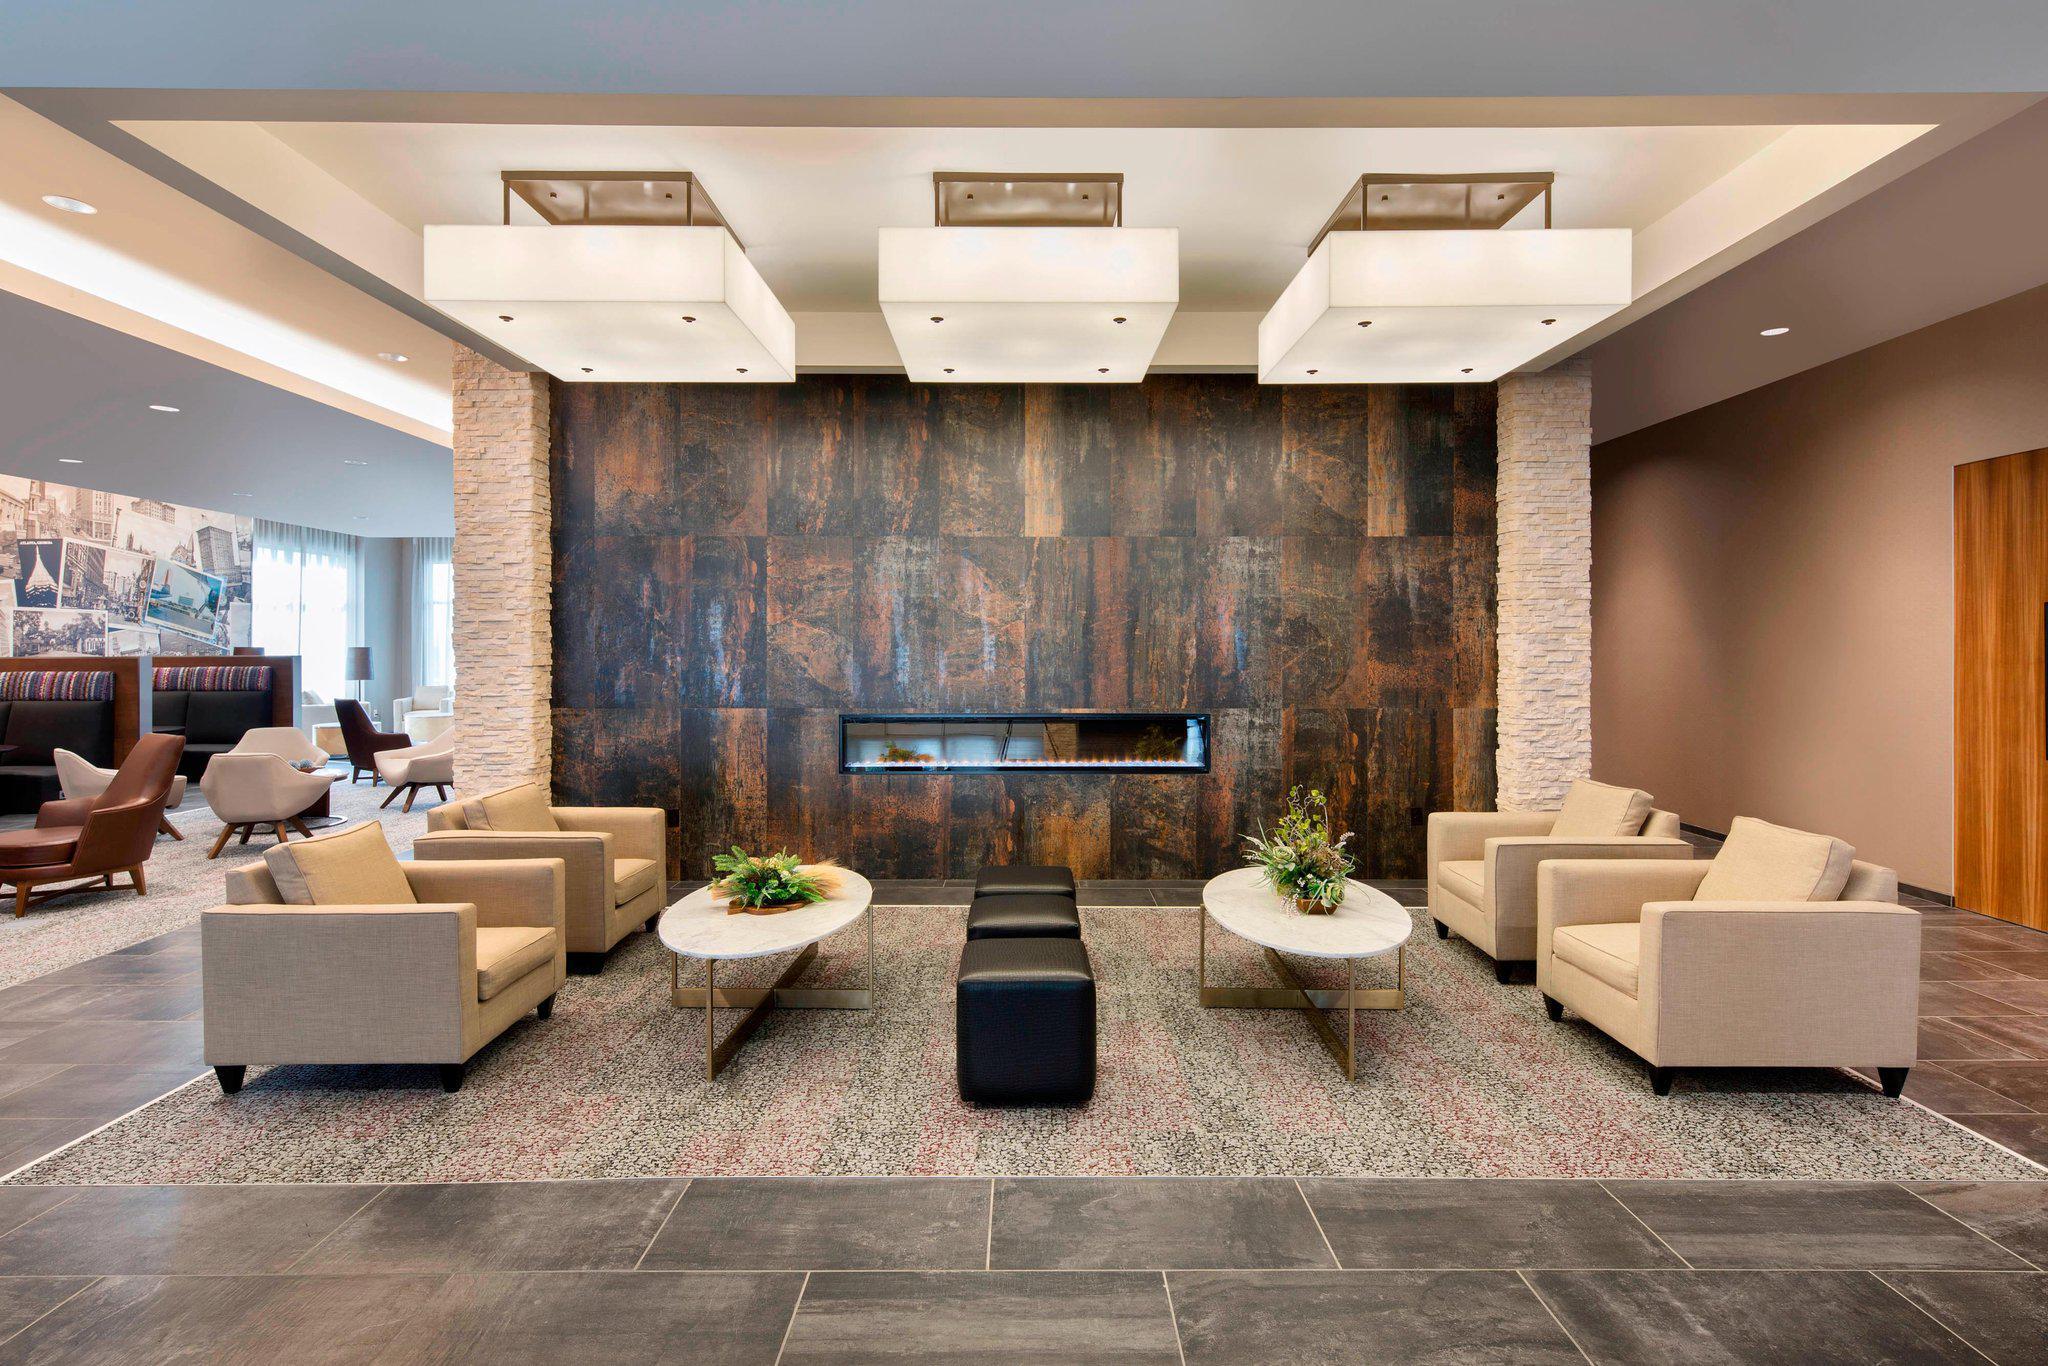 Courtyard by Marriott Atlanta Vinings/Galleria